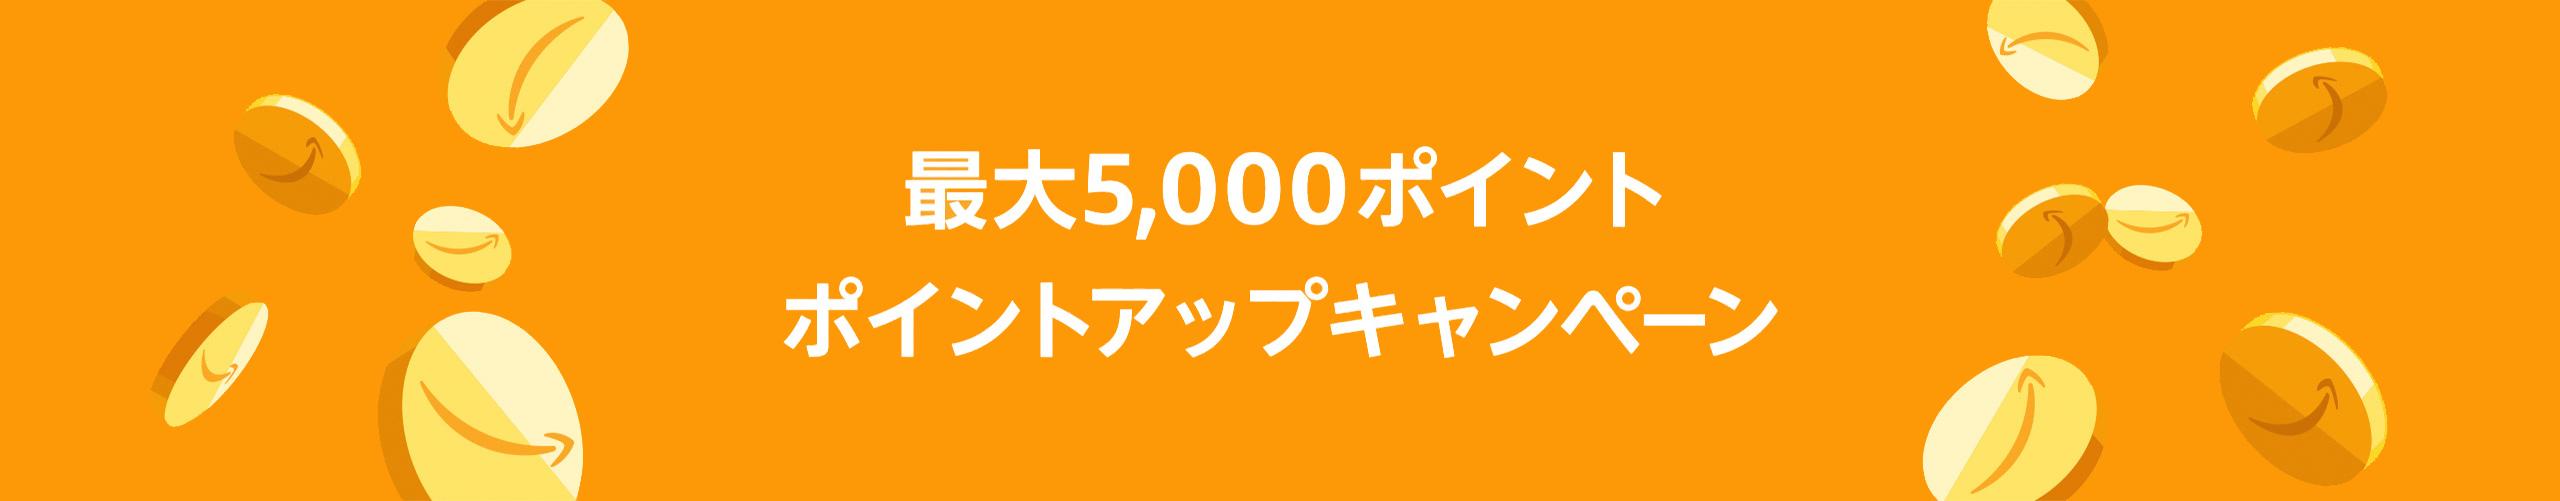 最大5,000ポイントアップ